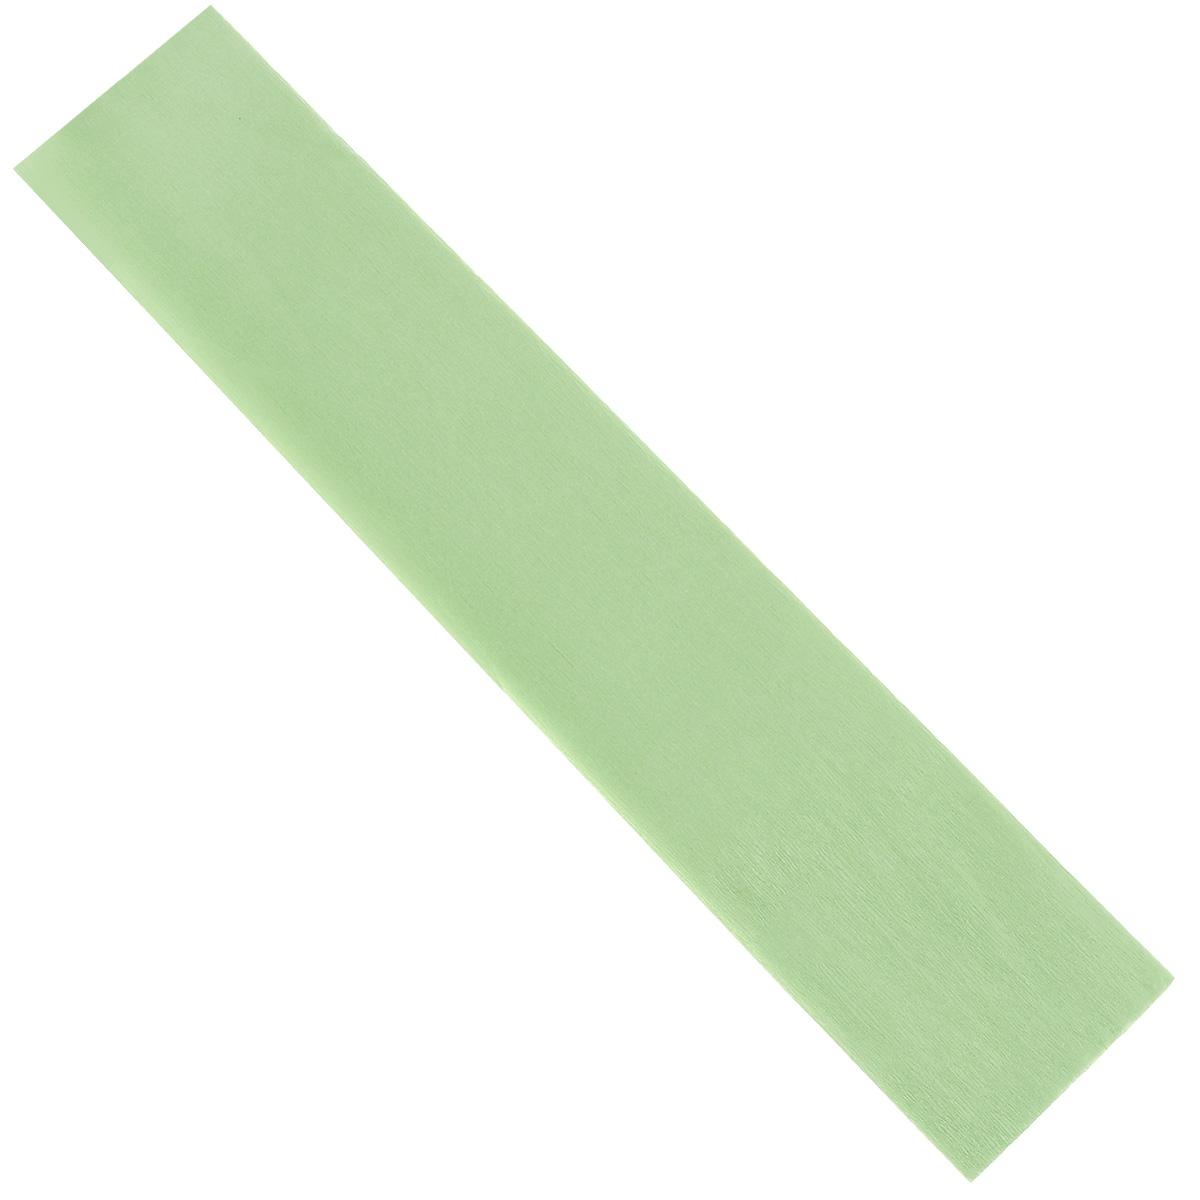 Бумага крепированная Проф-Пресс, перламутровая, цвет: зеленый, 50 см х 250 смБ-2311Крепированная перламутровая бумага Проф-Пресс - отличный вариант для воплощения творческих идей не только детей, но и взрослых. Она отлично подойдет для упаковки хрупких изделий, при оформлении букетов, создании сложных цветовых композиций, для декорирования и других оформительских работ. Бумага обладает повышенной прочностью и жесткостью, хорошо растягивается, имеет жатую поверхность. Кроме того, перламутровая бумага Проф-Пресс поможет увлечь ребенка, развивая интерес к художественному творчеству, эстетический вкус и восприятие, увеличивая желание делать подарки своими руками, воспитывая самостоятельность и аккуратность в работе. Такая бумага поможет вашему ребенку раскрыть свои таланты. Размер: 50 см х 250 см.